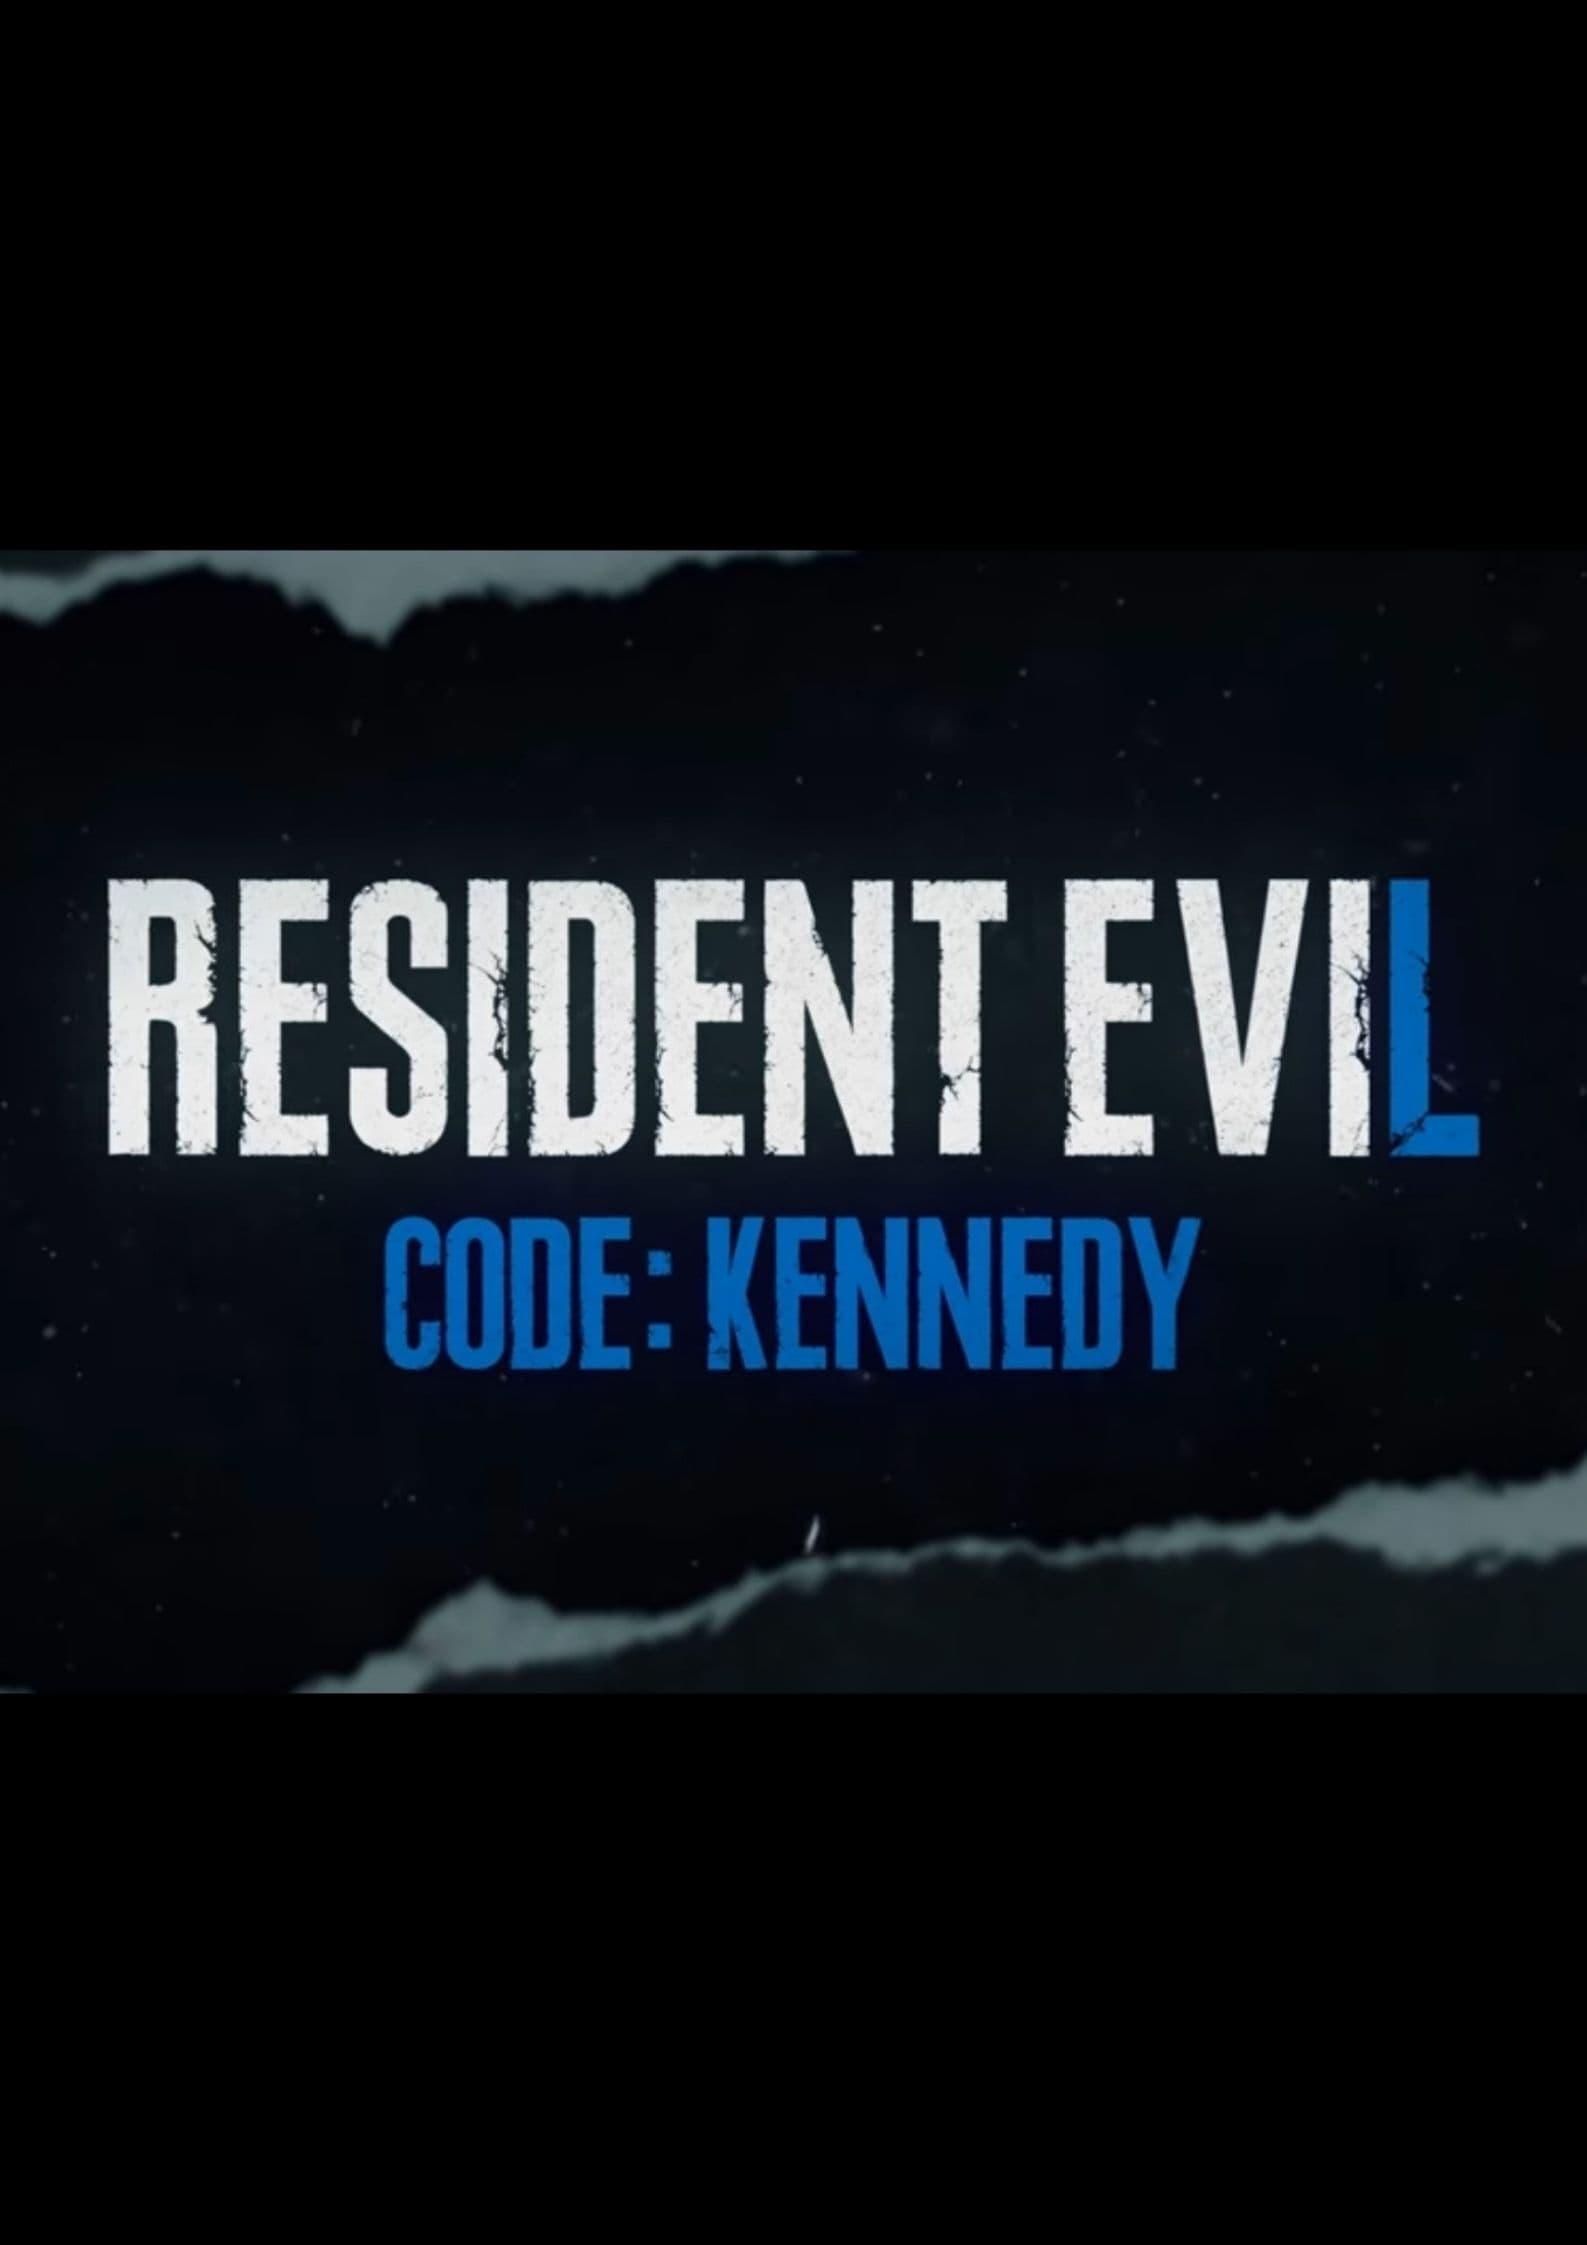 Resident Evil - Code Kennedy (2021)